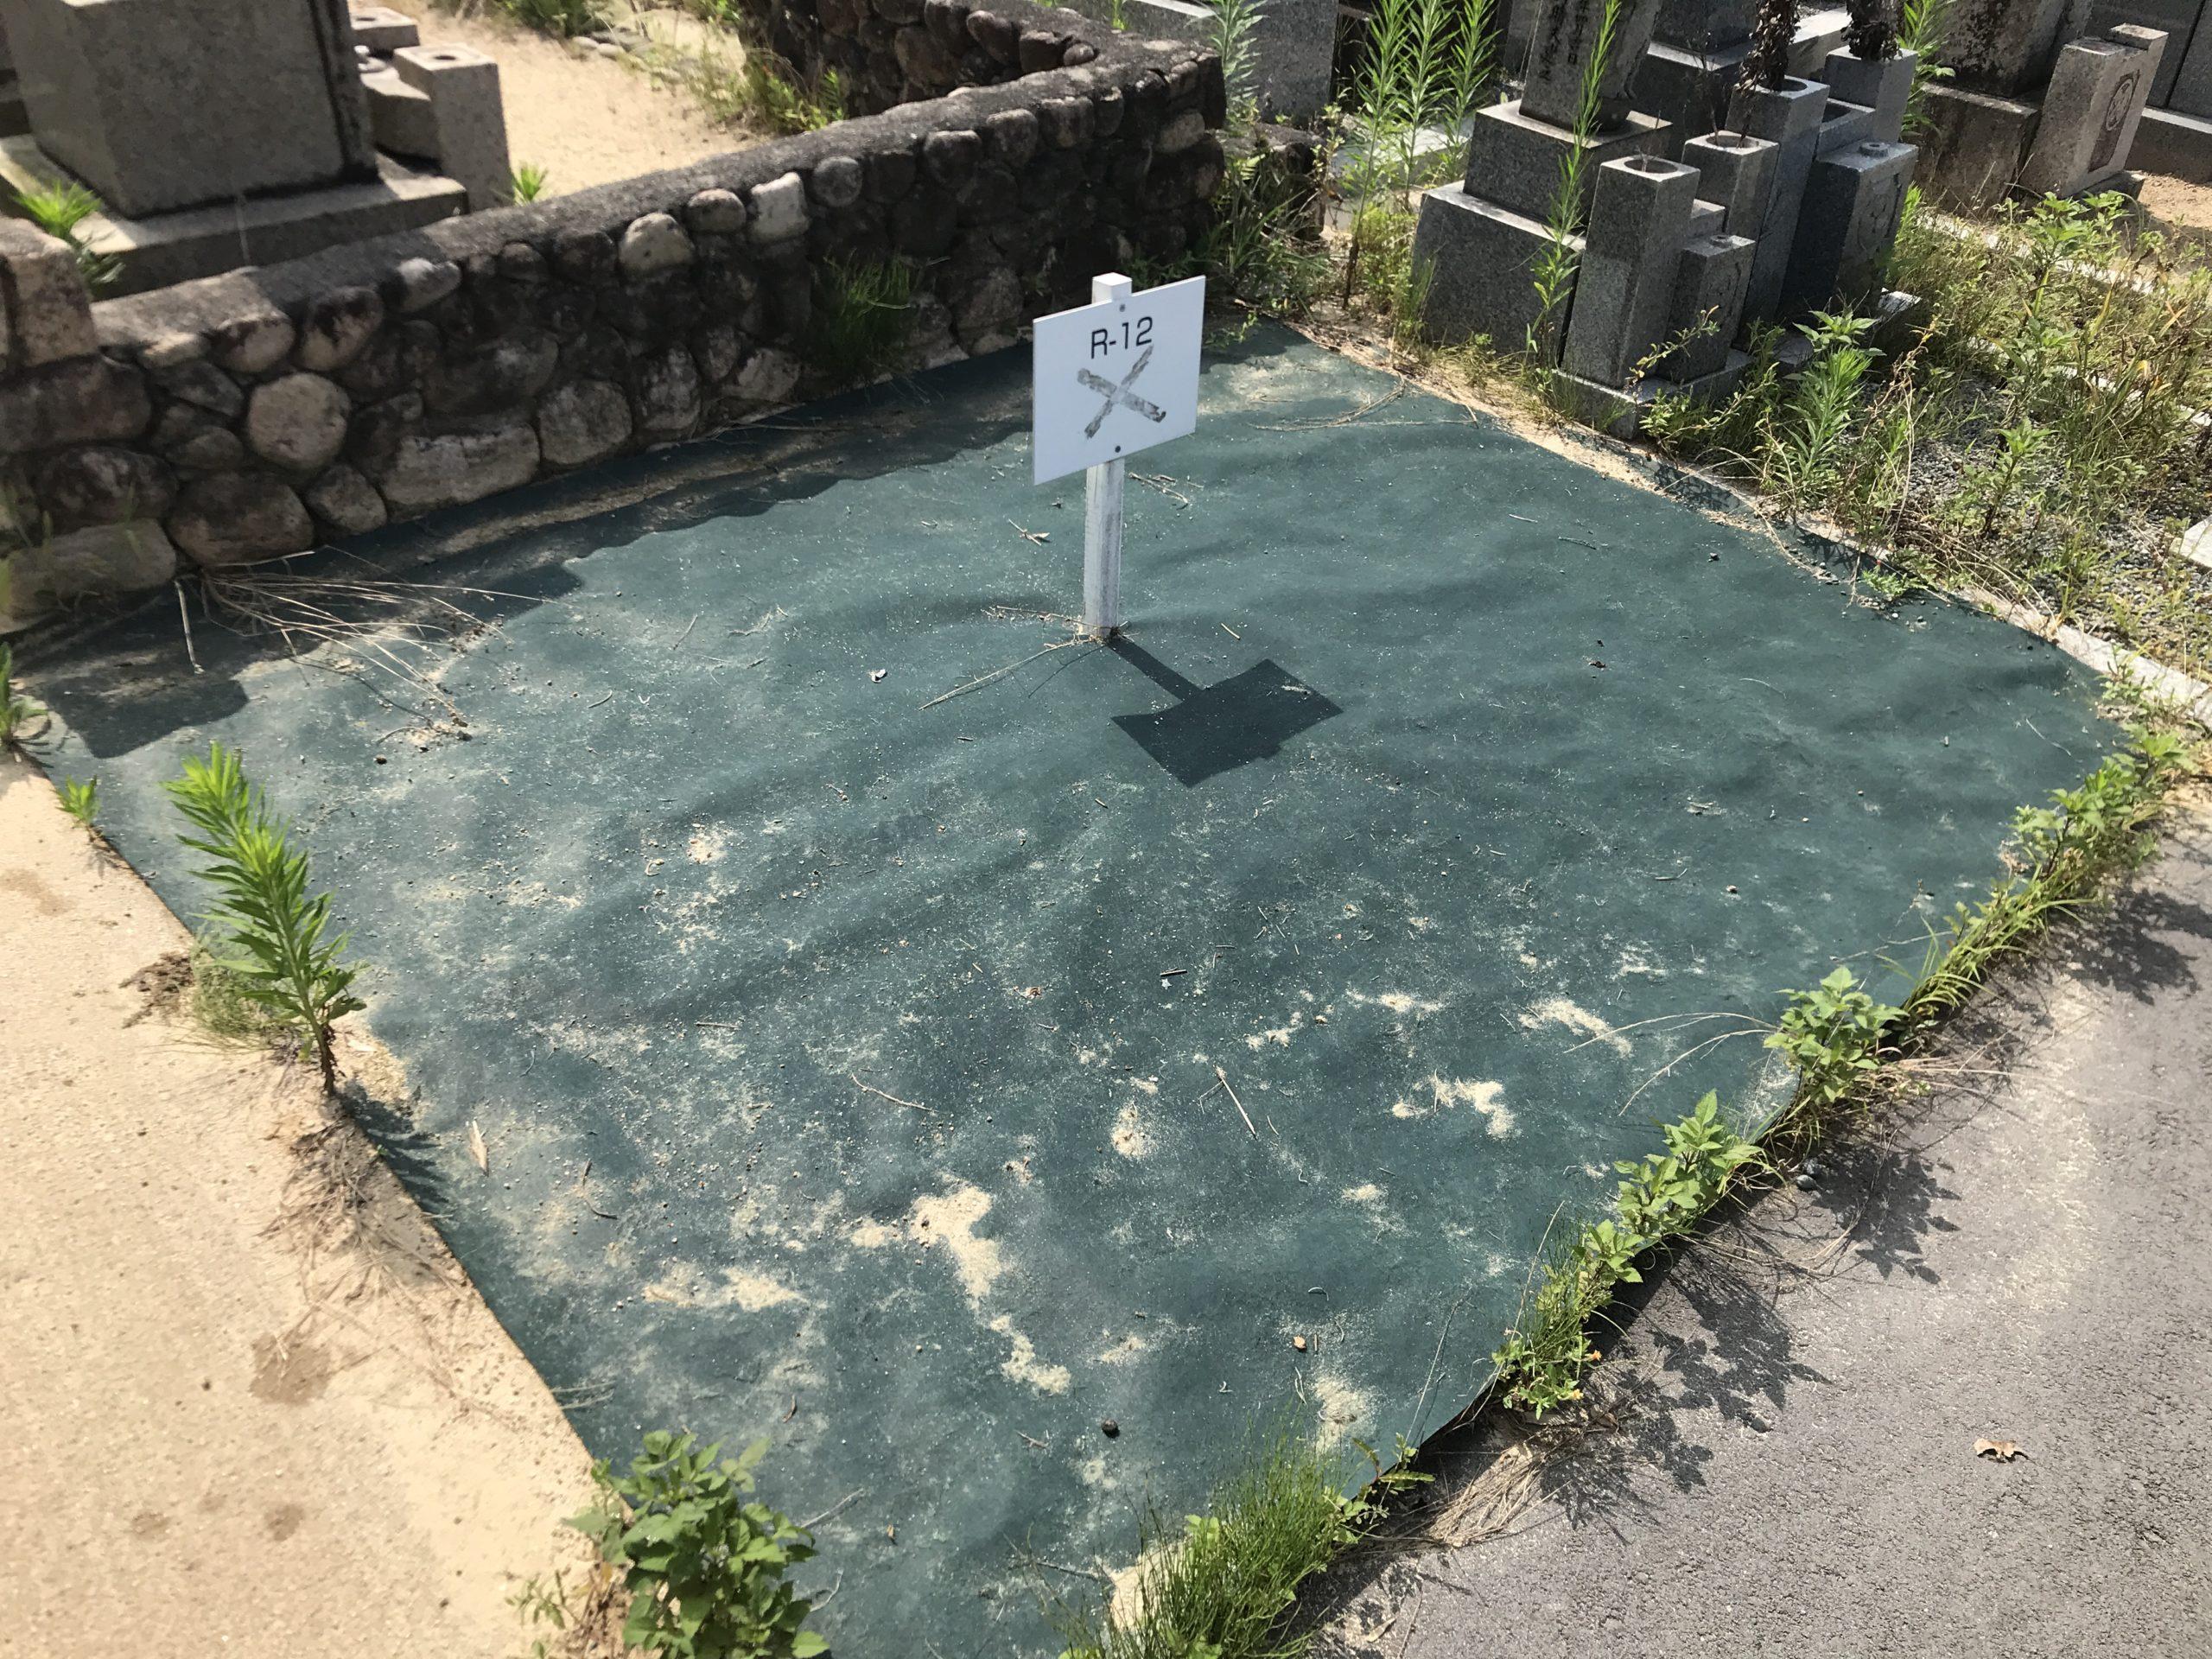 川面墓地(宝塚市)の空き区画